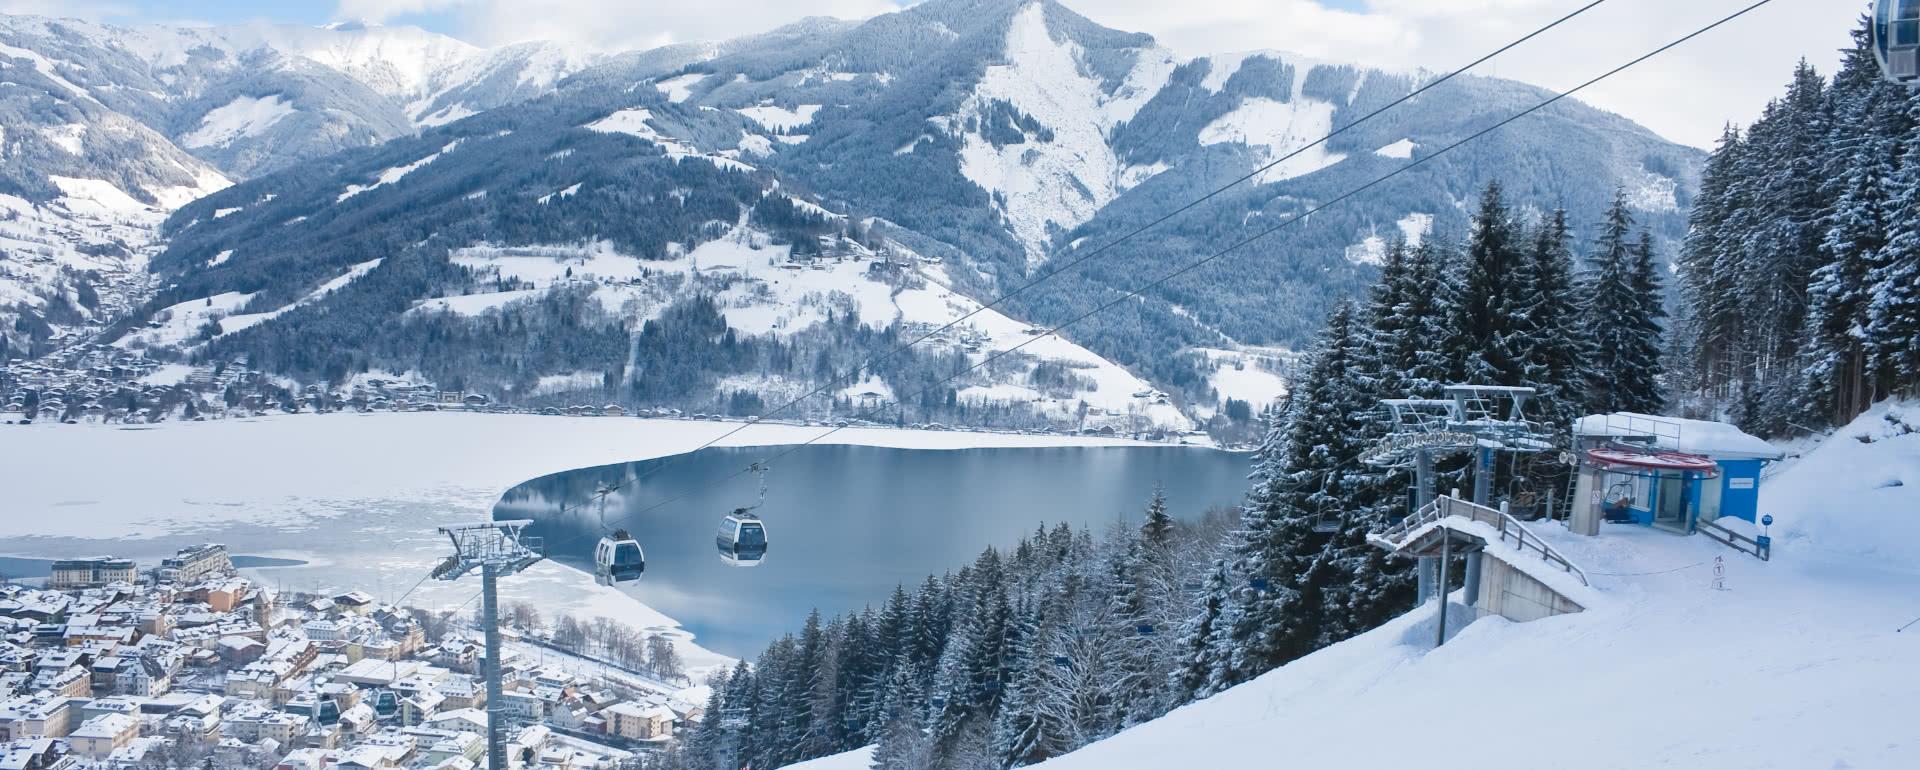 Titelbild von Zell am See